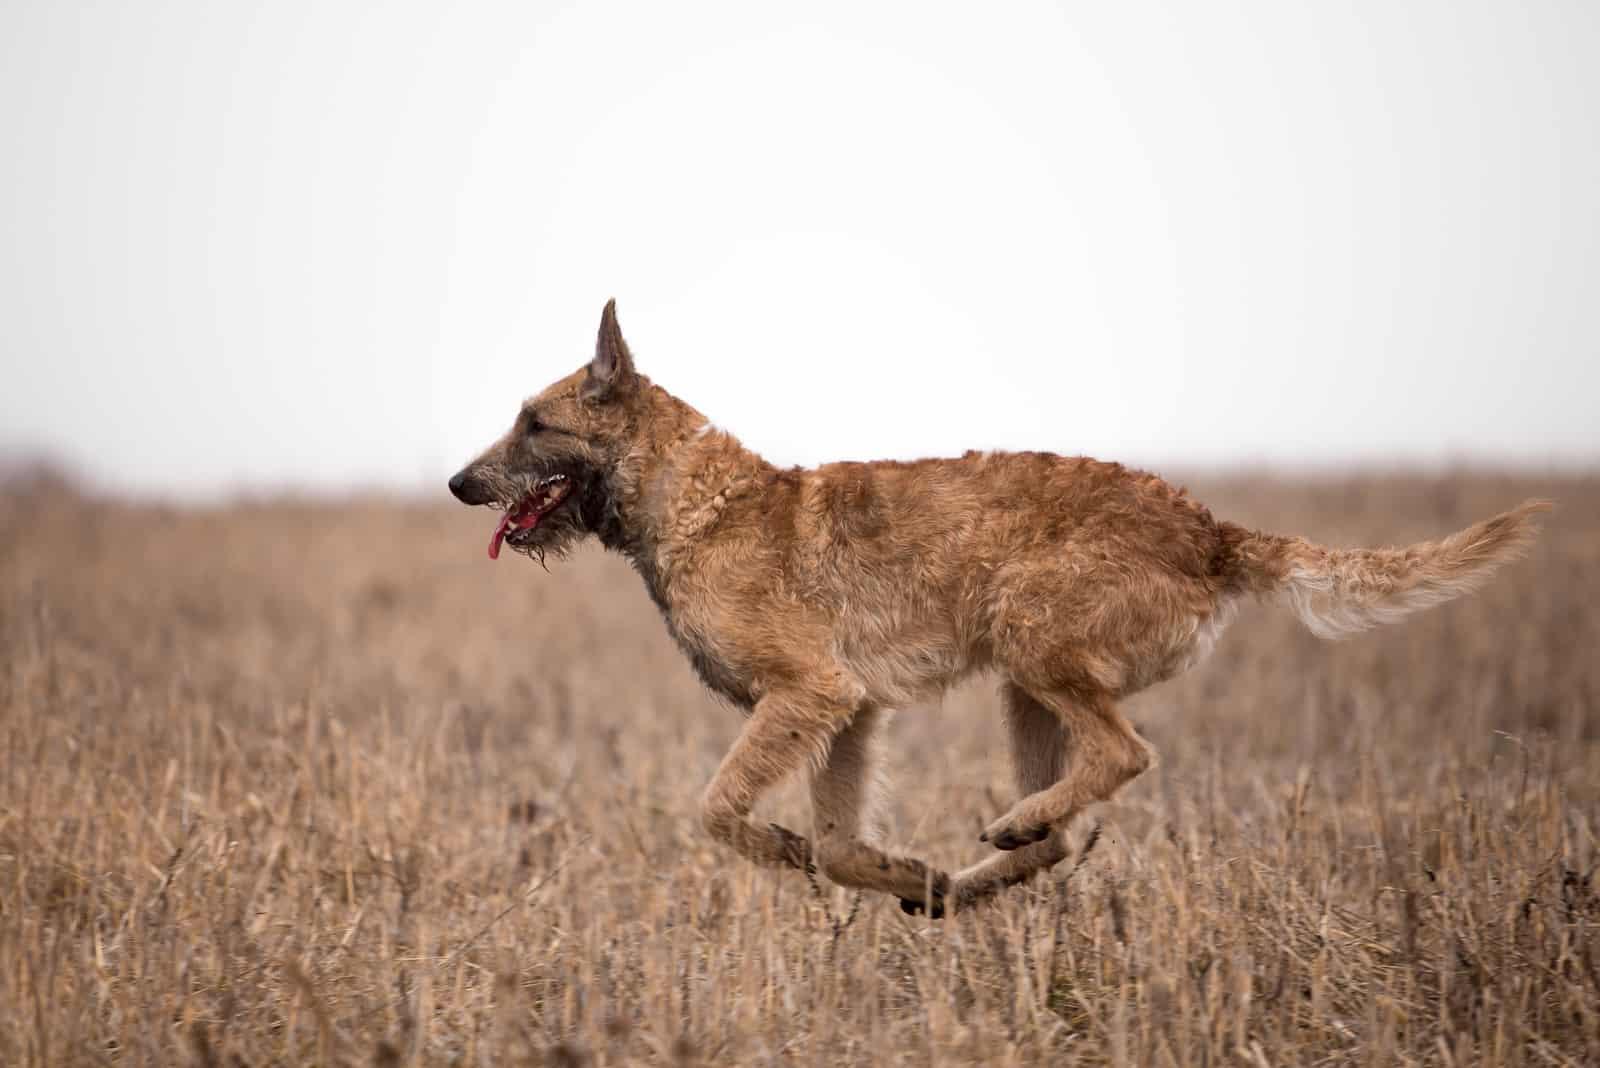 Dog breed Belgian Shepherd Lackenois running in the field